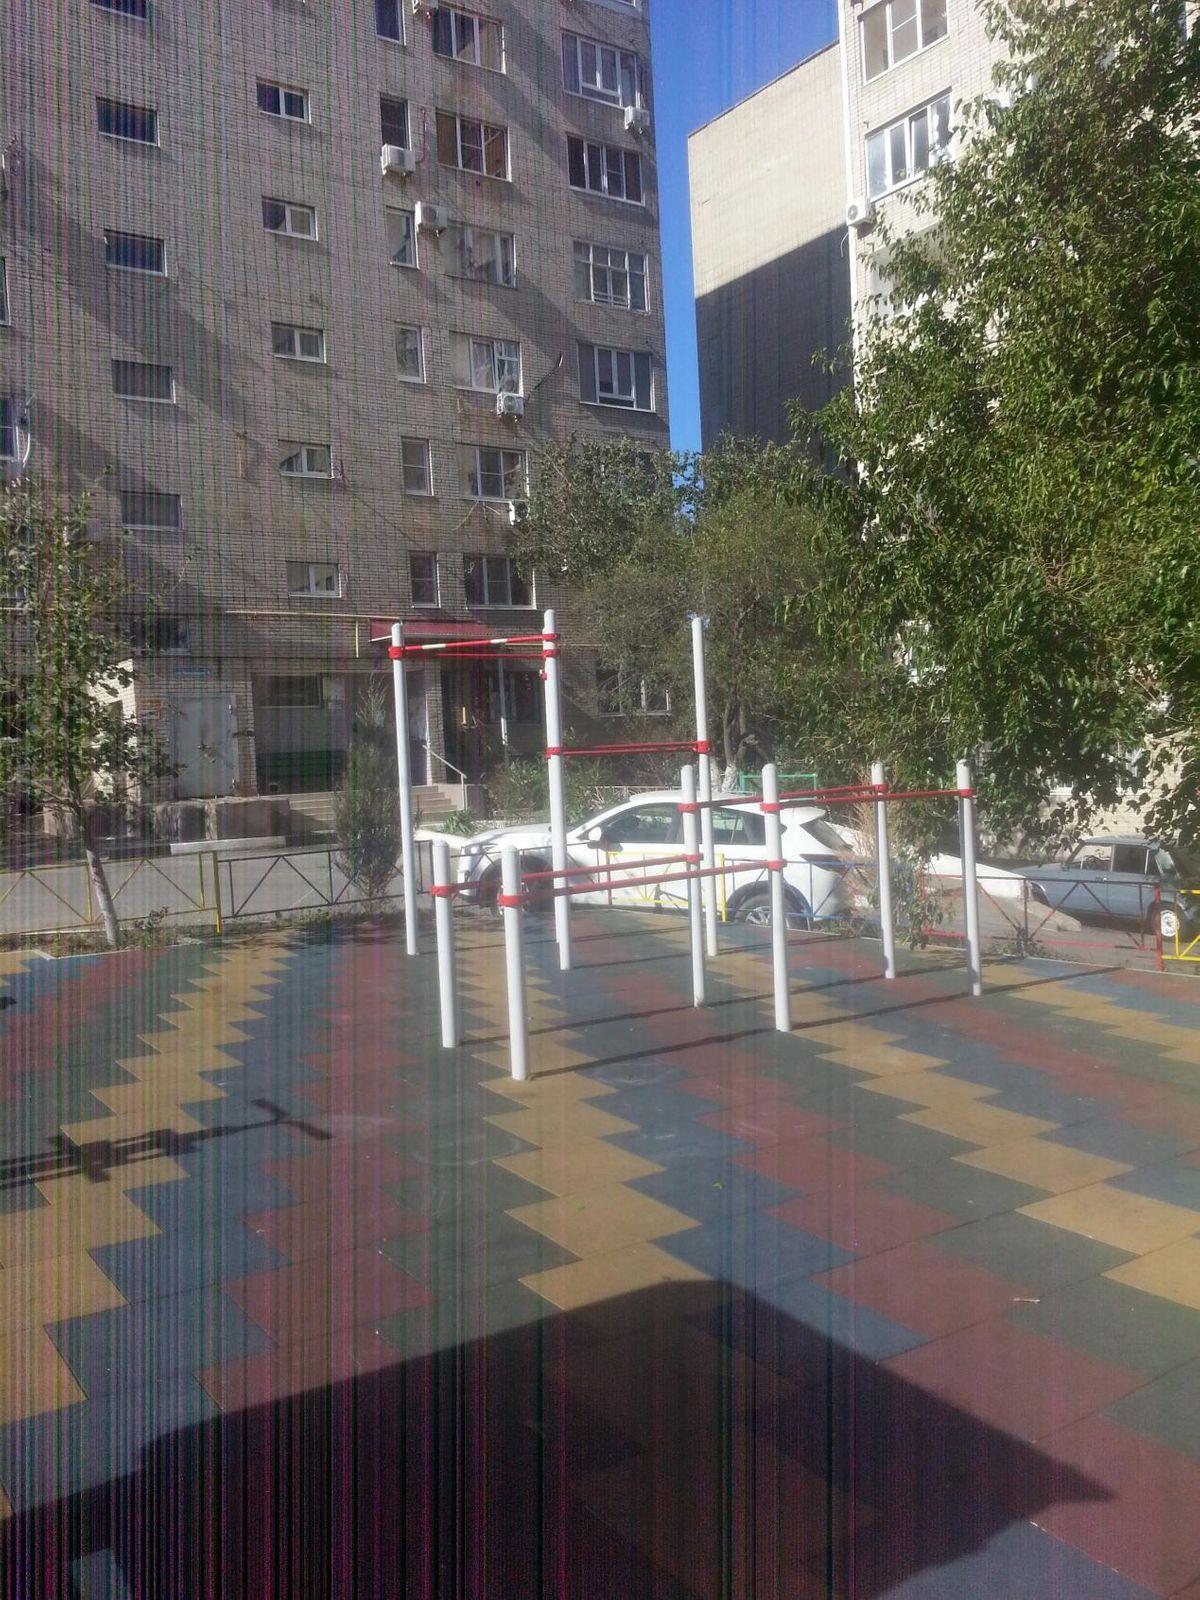 Gelendzhik - Fitness Park - Улица Леселидзе